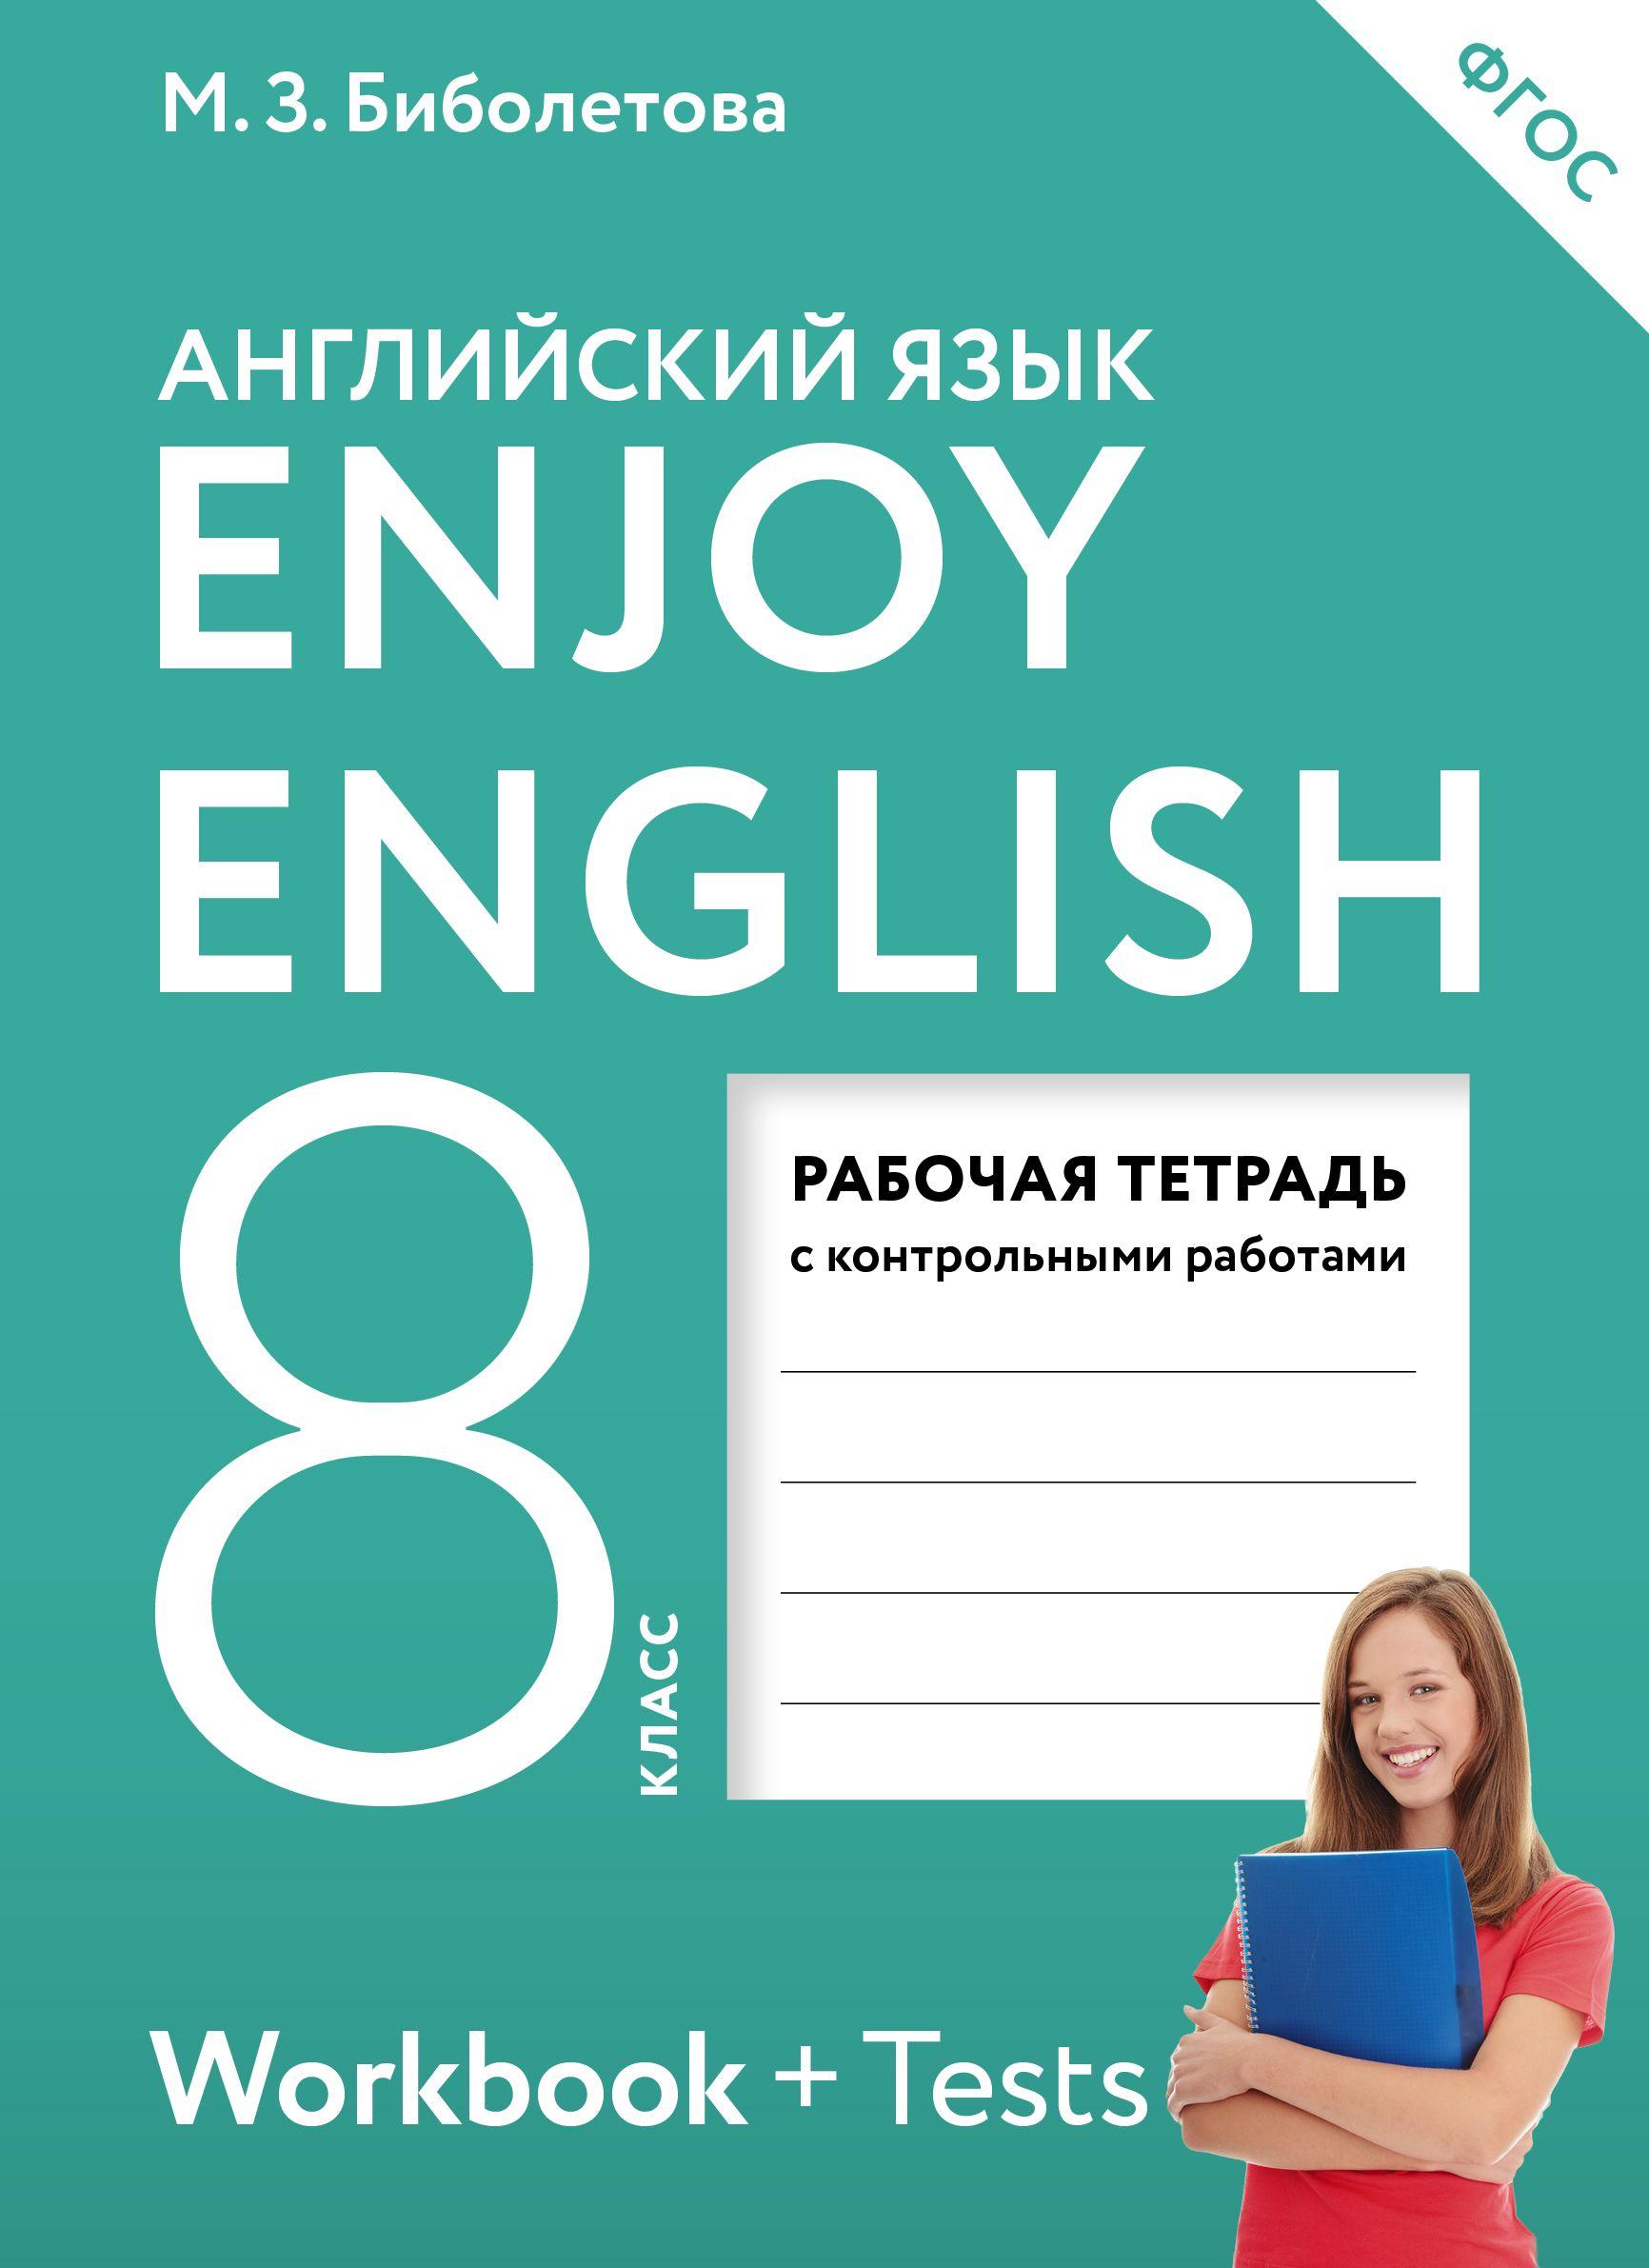 Учебник enjoy english 8 класс биболетова смотреть онлайн